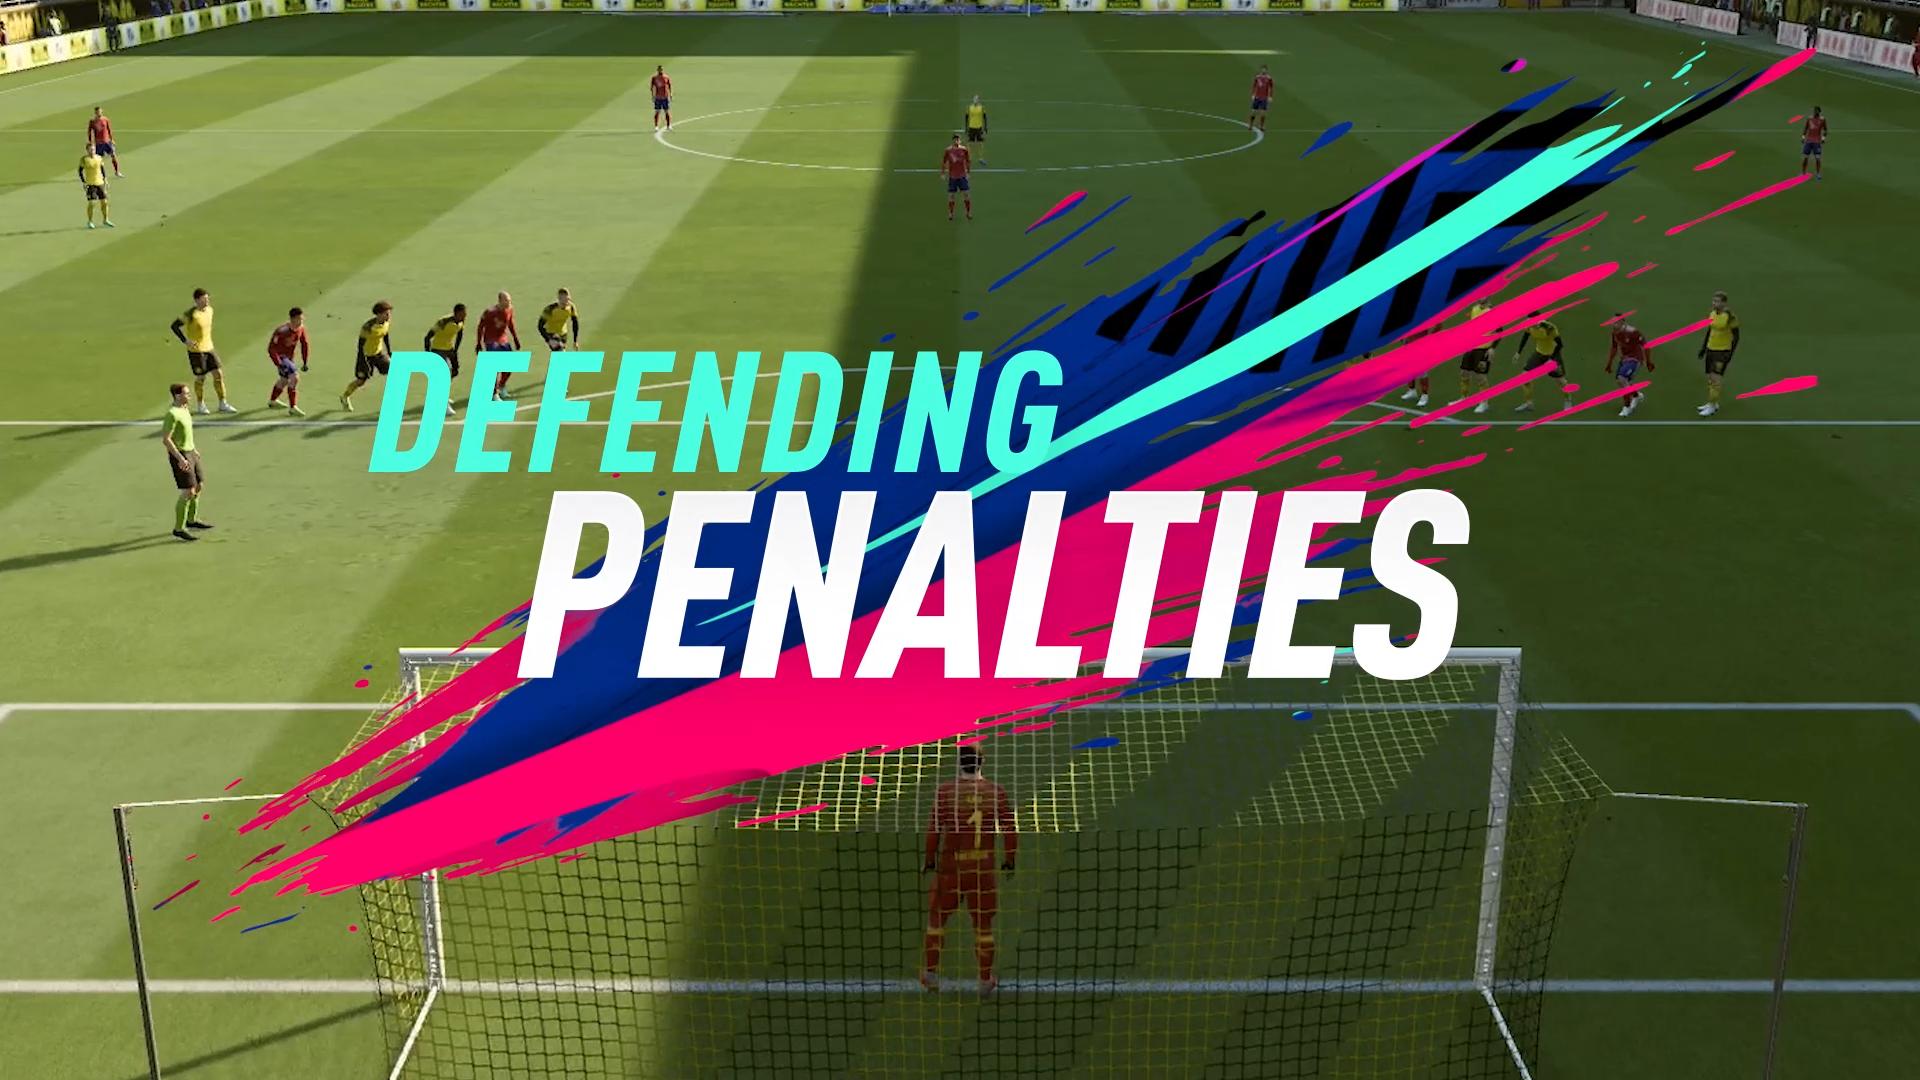 FIFA 19 DEFENDING PENALTIES